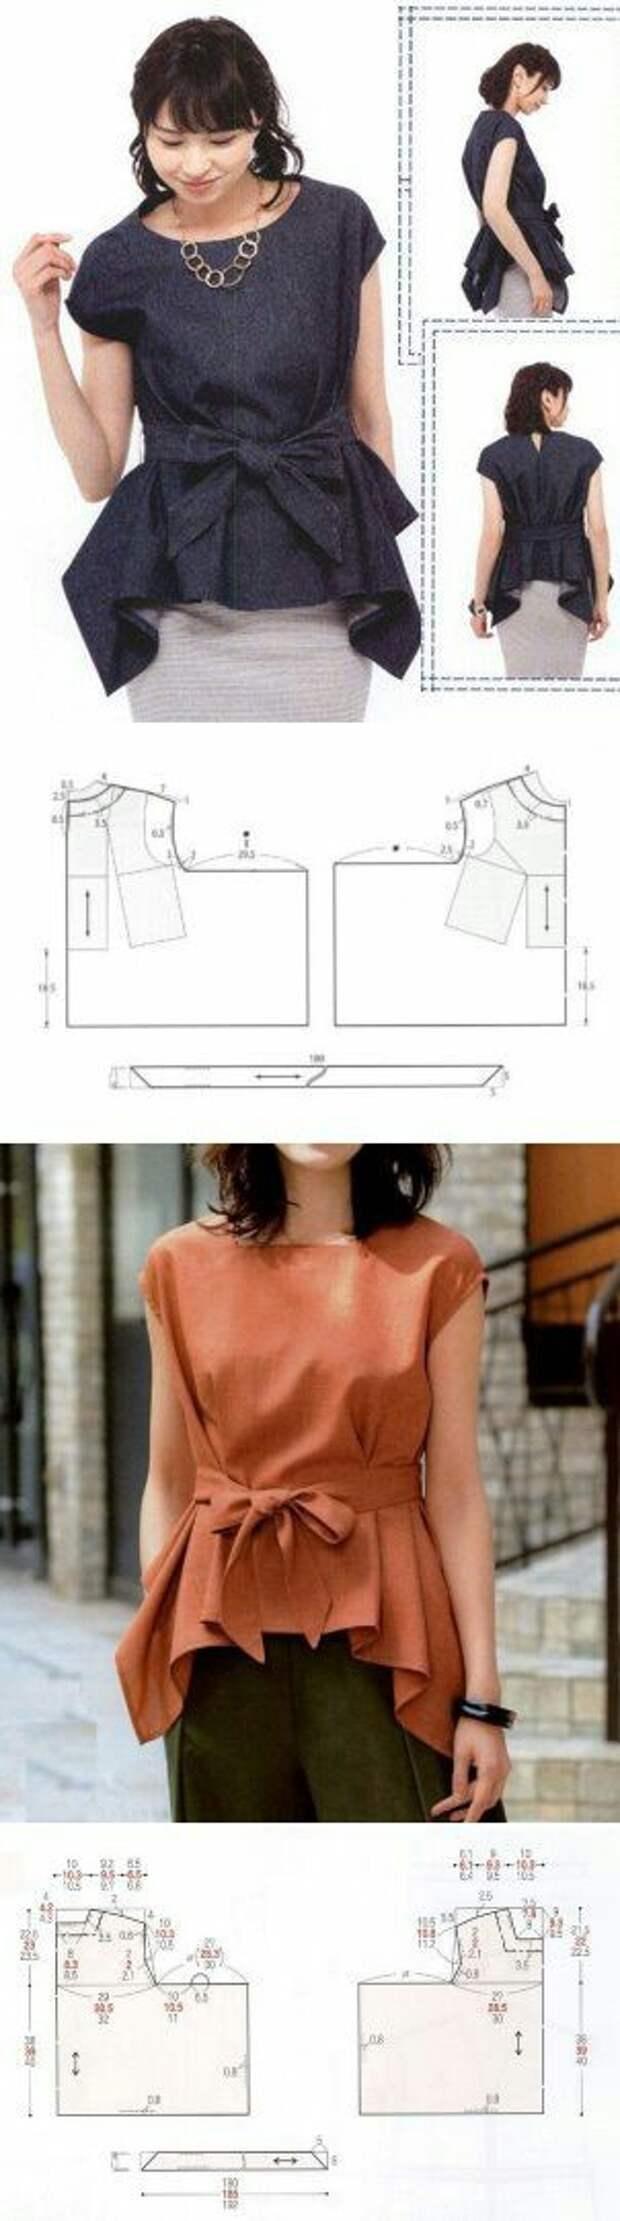 Японская выкройка блузки с углами